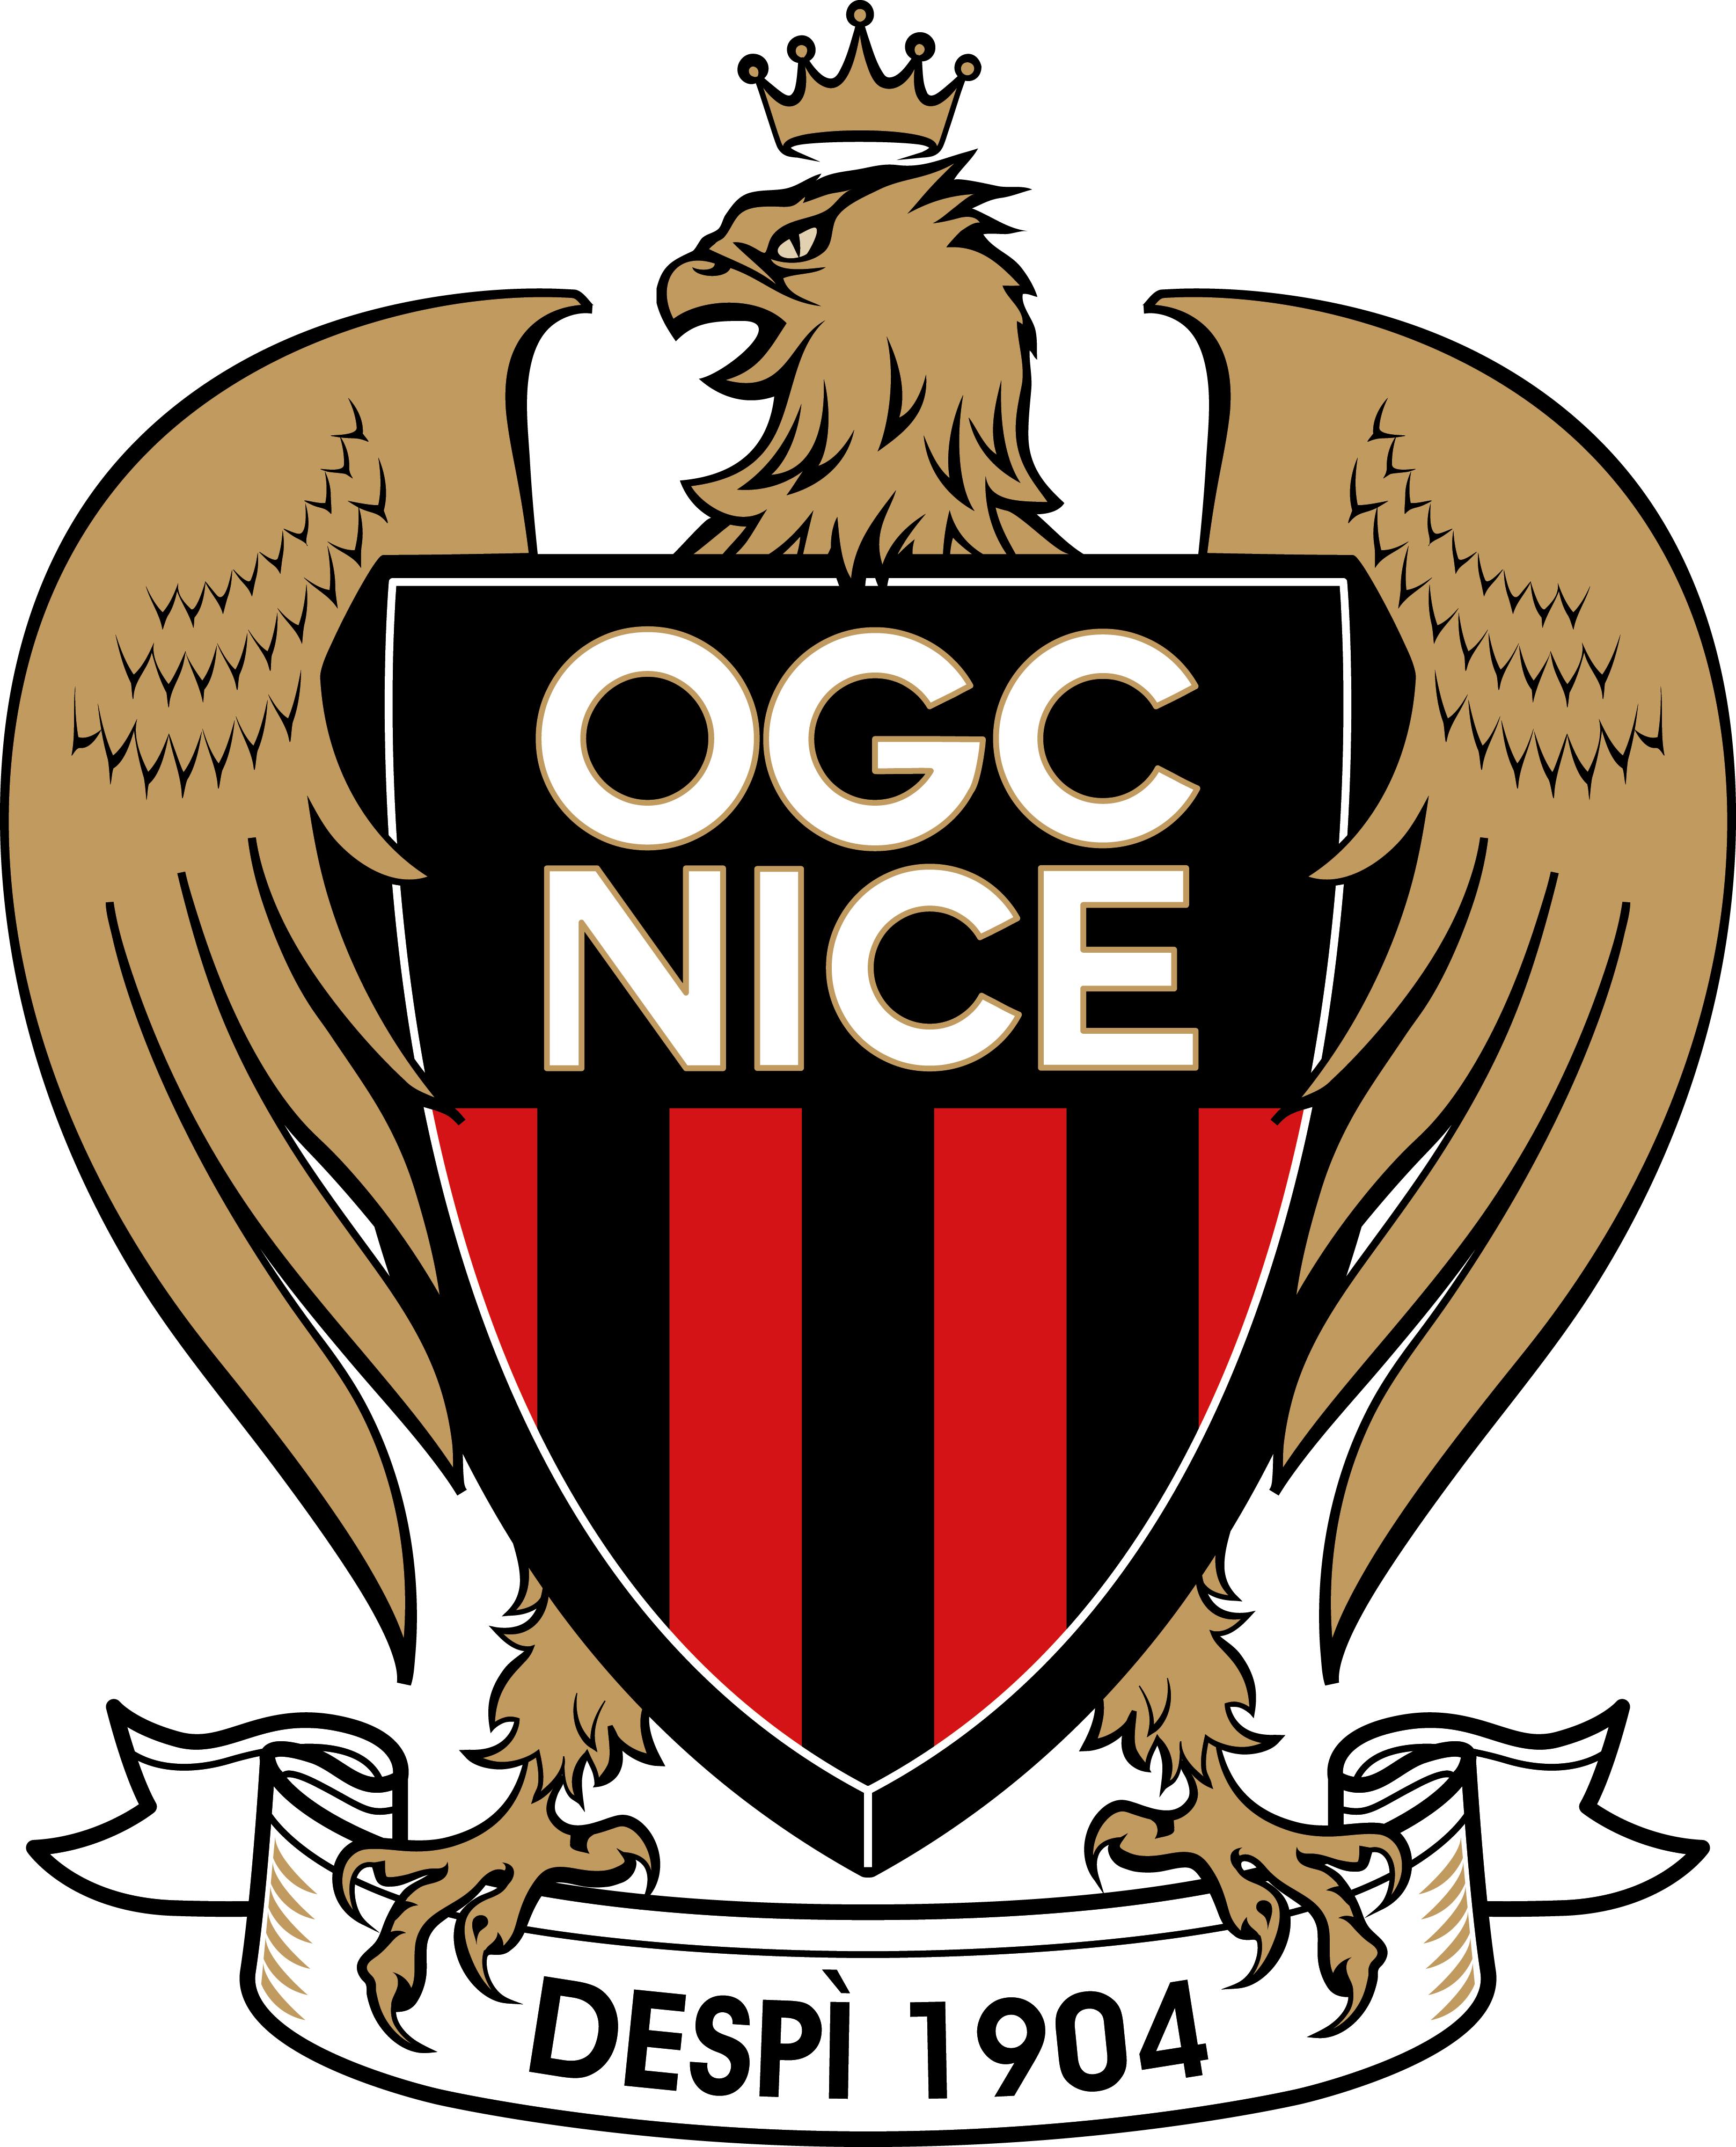 Billet gratuit pour le match de football SS Lazio / OGC Nice - le jeudi 2 novembre (21 h 05), à Rome